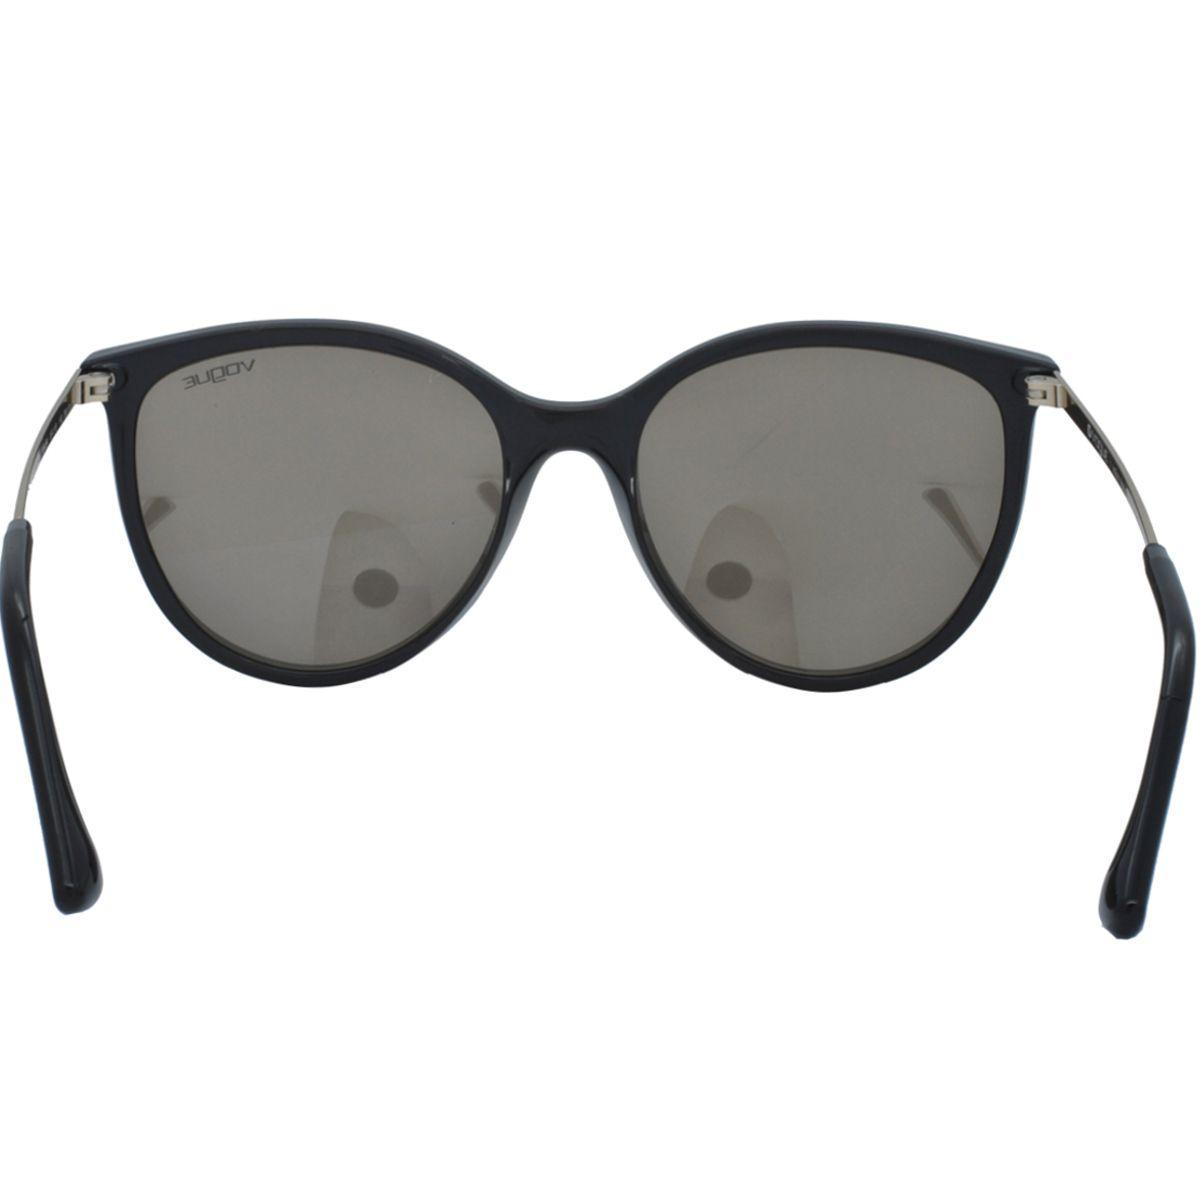 f06c0f575 Óculos de Sol Vogue Feminino VO5221SL W44/5A - Acetato Preto e Lente  Dourado Espelhado R$ 413,00 à vista. Adicionar à sacola